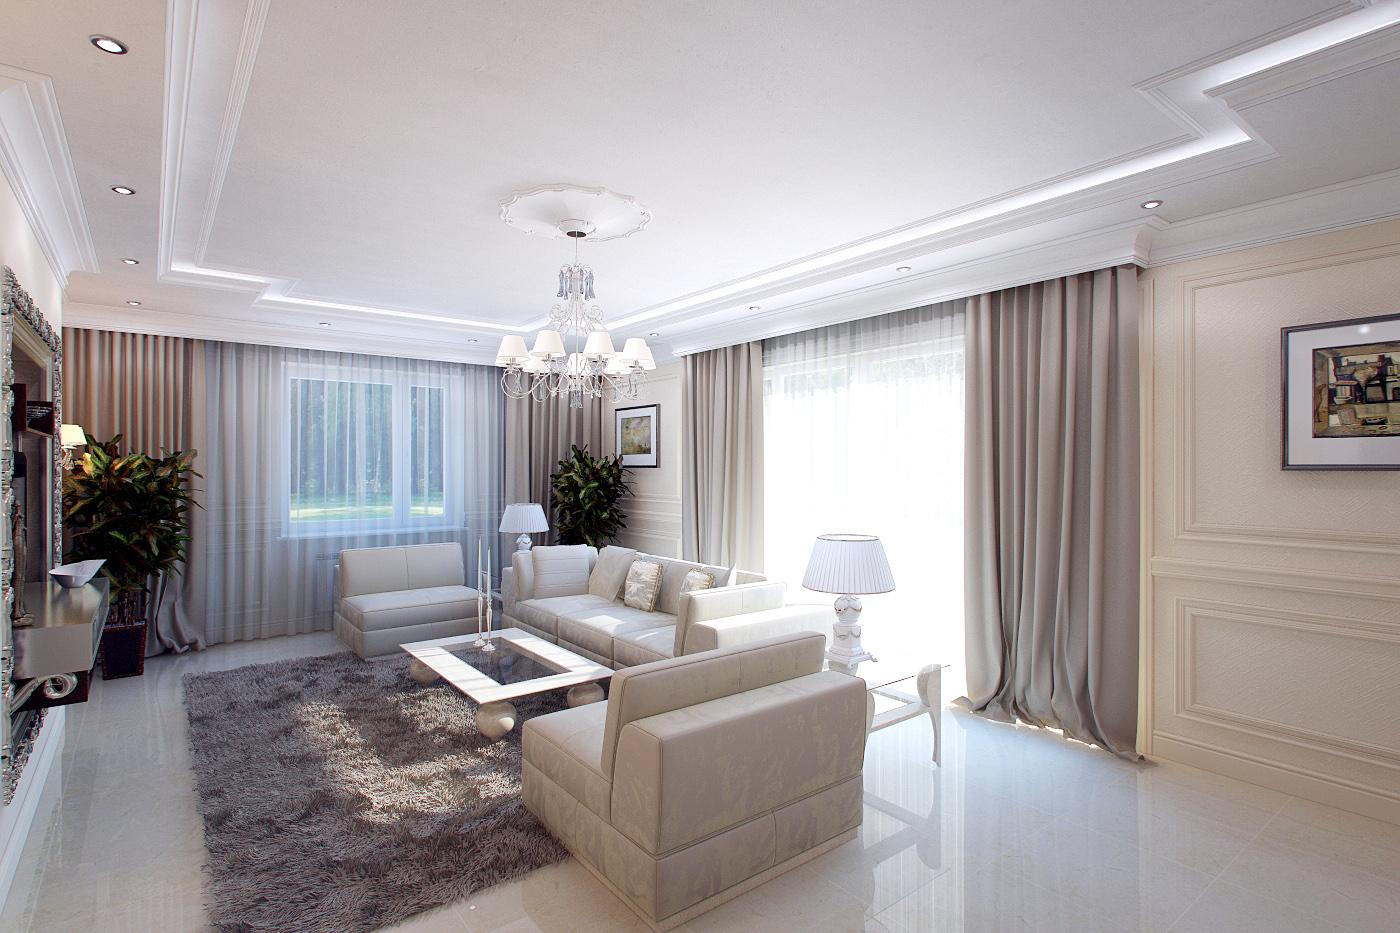 Интерьер гостиной просто и со вкусом: классический стиль все.